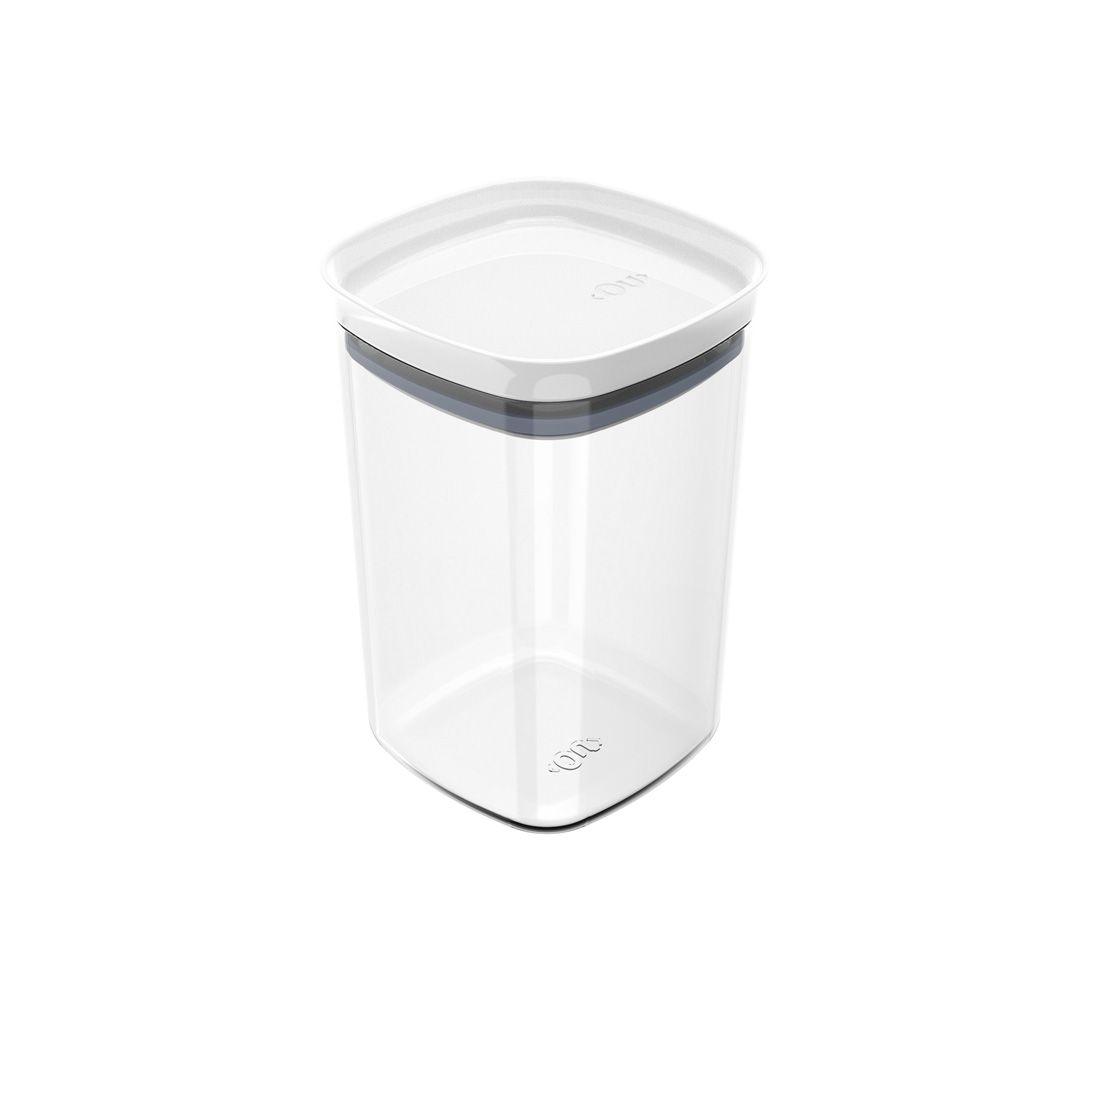 Pote de Plástico com Tampa Hermética Block 1L Branco